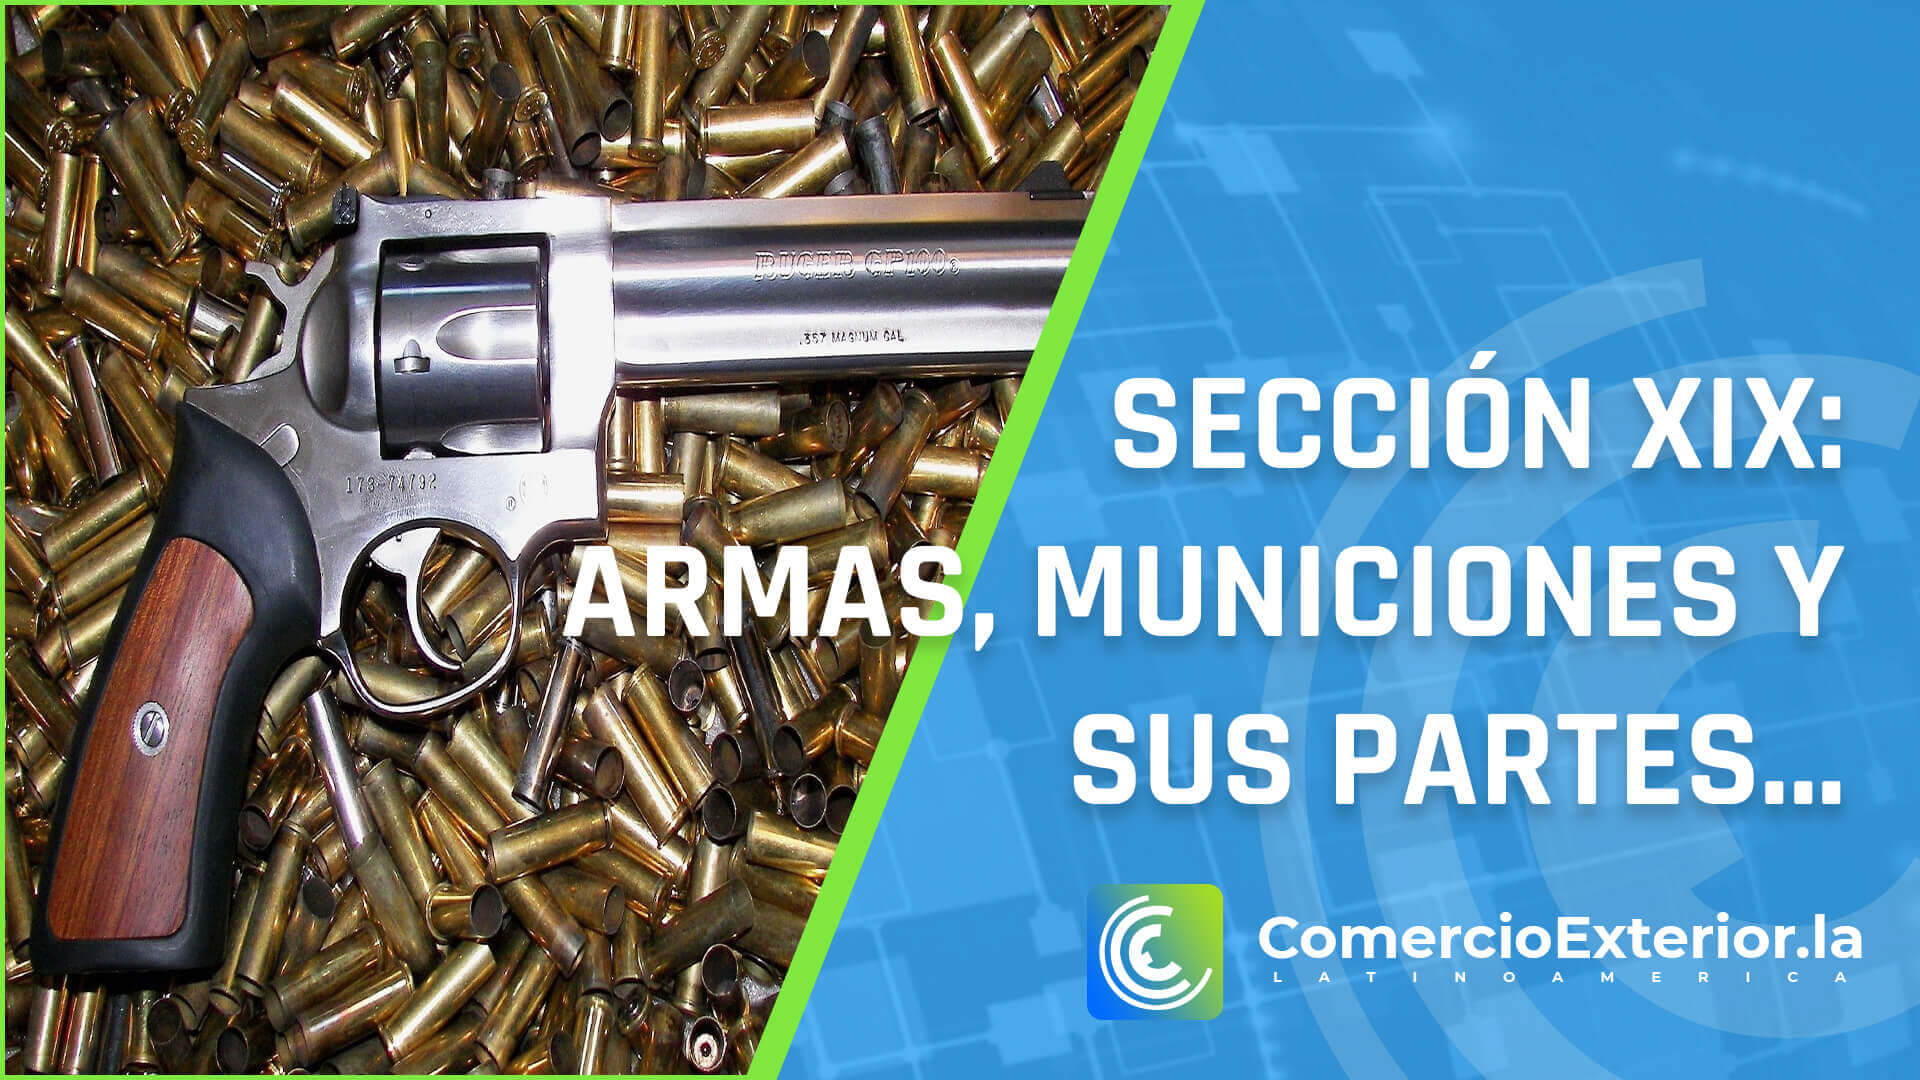 municiones y sus partes y accesorios